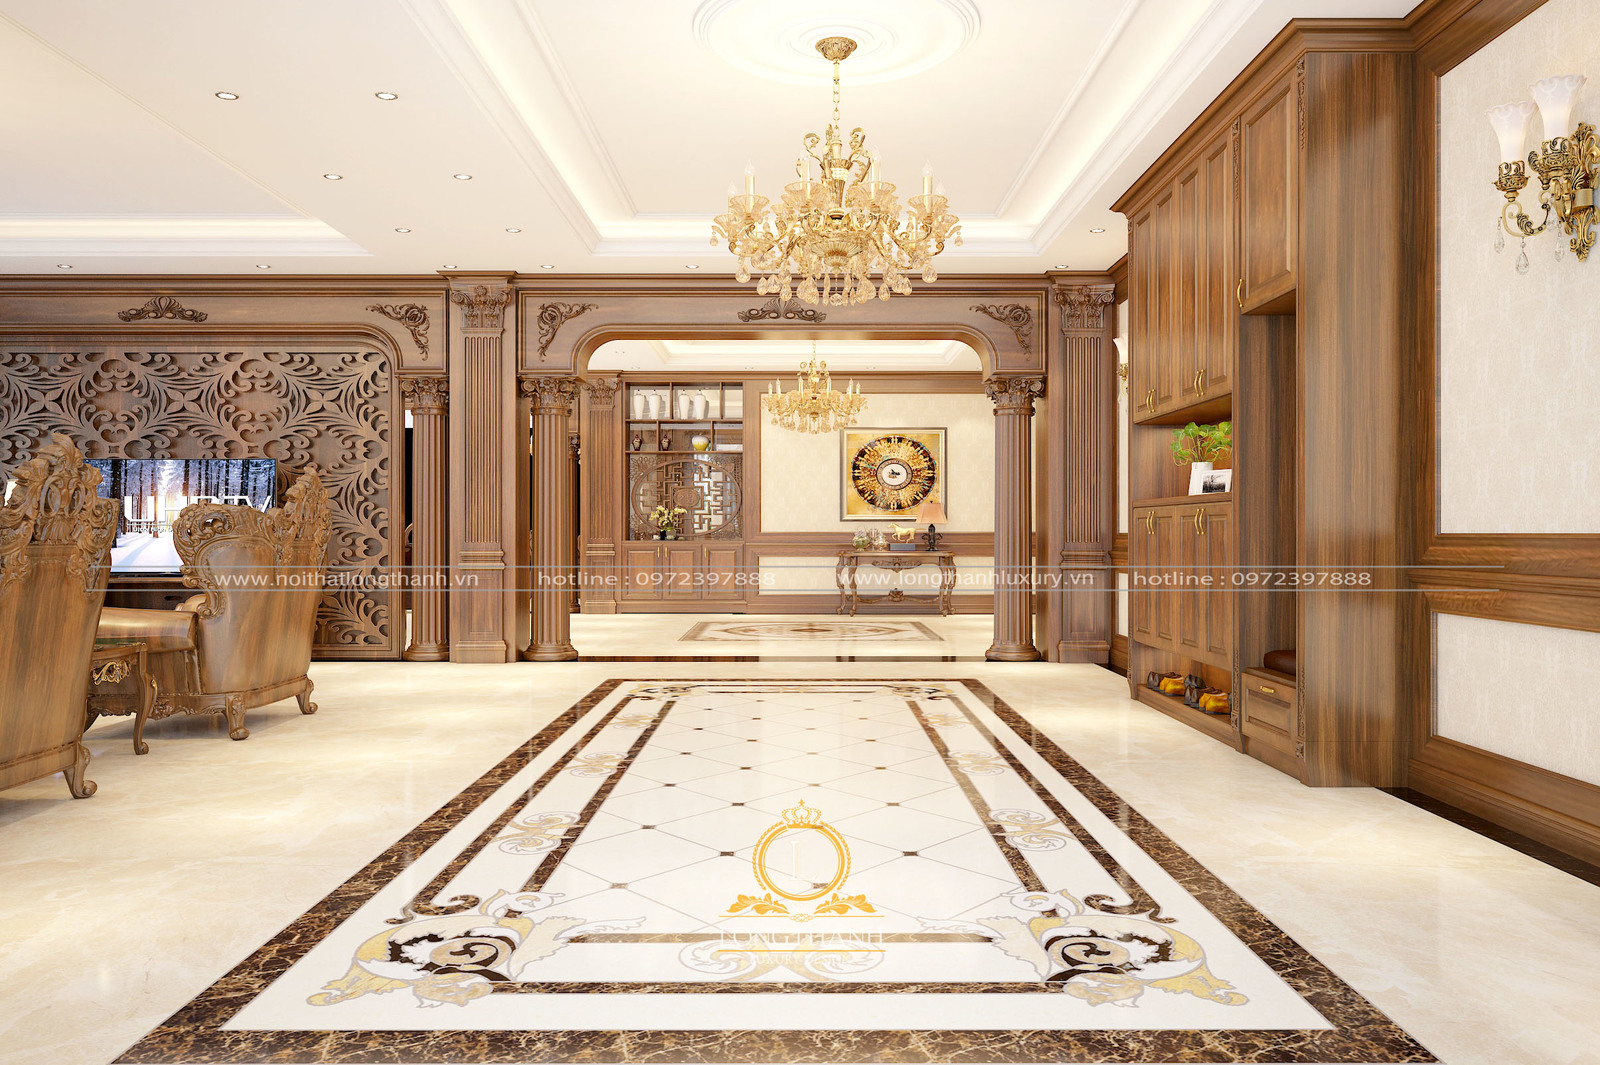 Thiết kế phòng khách tân cổ điển cho biệt thự